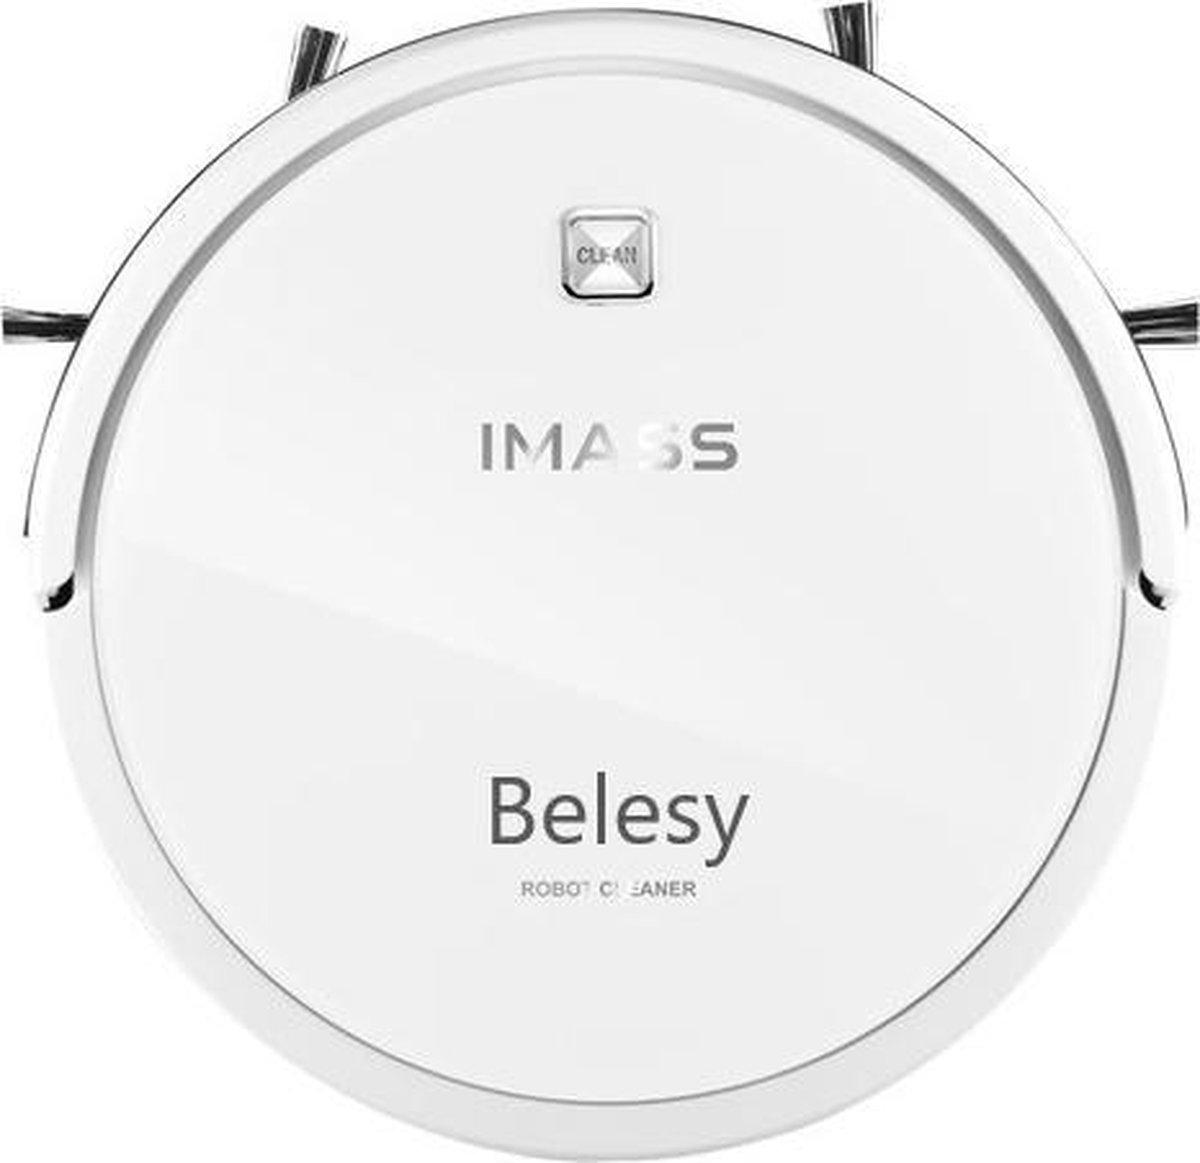 Belesy® IMass Alles-in-1 - Robotstofzuiger met dweilfunctie